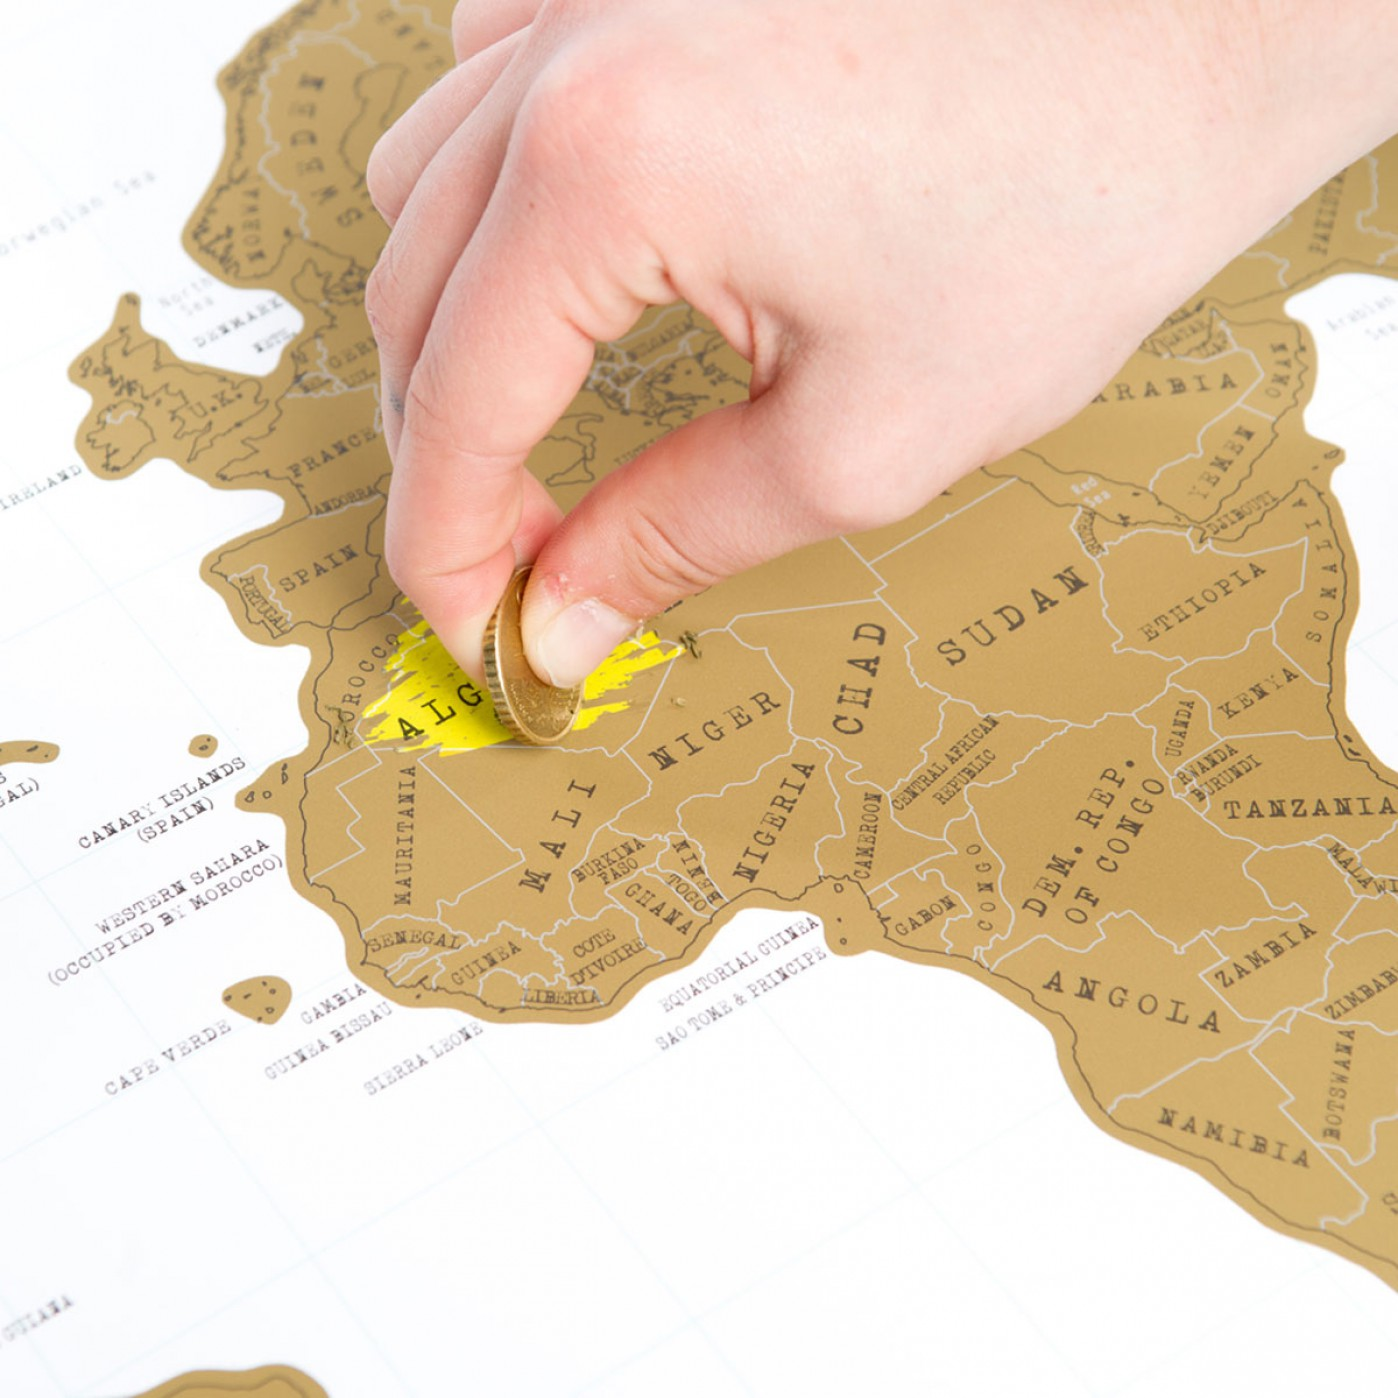 mappa-del-mondo-da-grattare-8ac